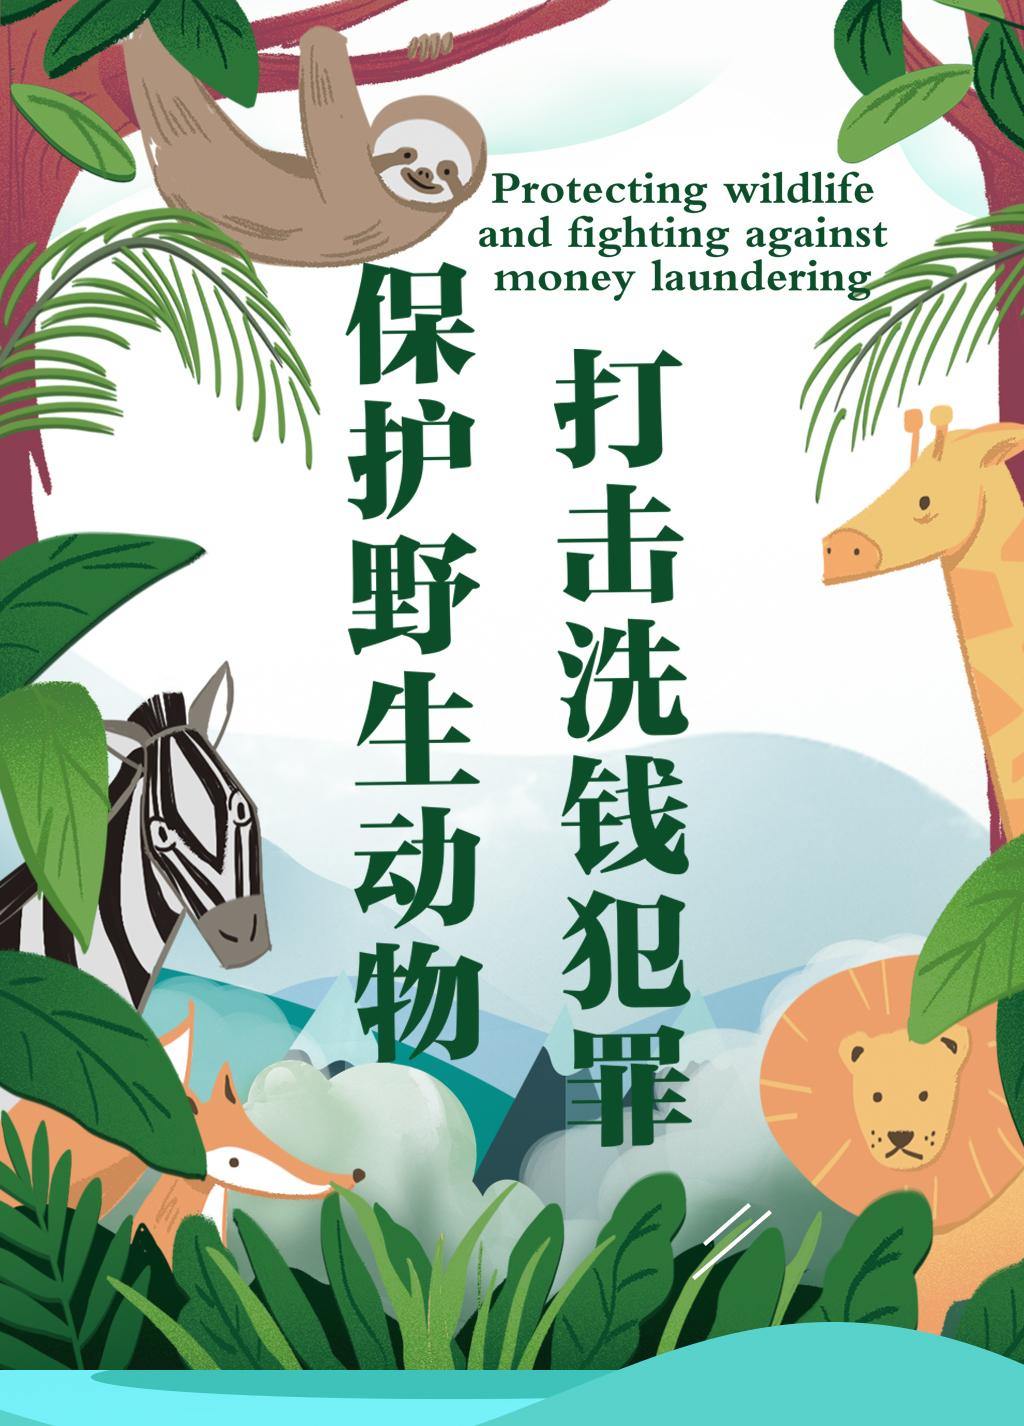 【反洗钱投教】保护野生动物,打击洗钱犯罪